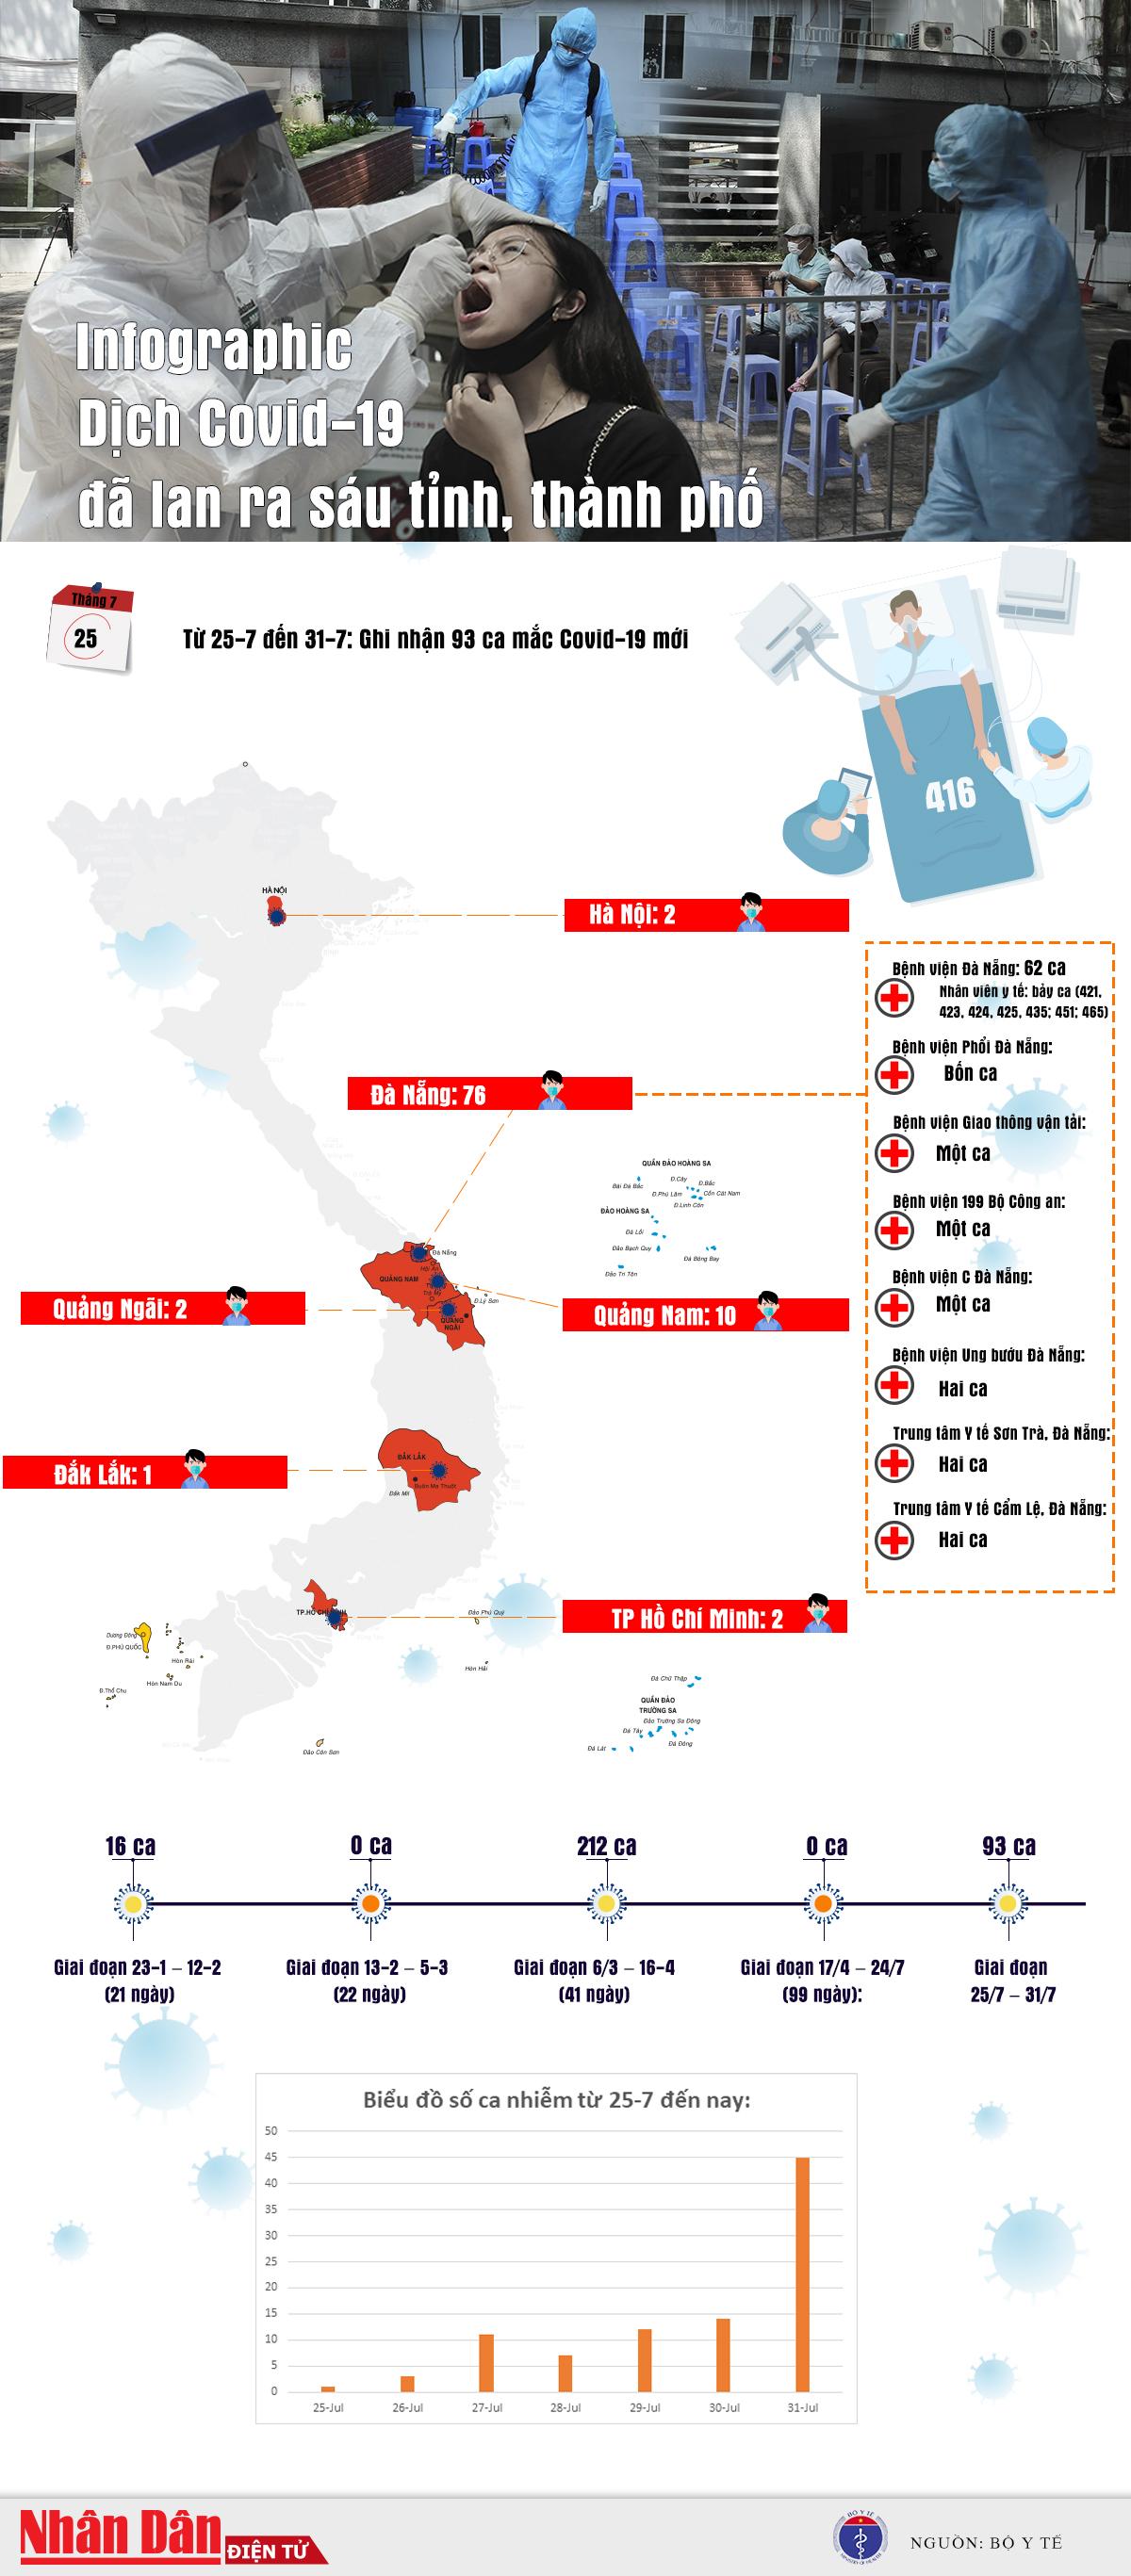 [Inforgraphic] Biểu đồ một tuần lây lan dịch Covid-19 tại Việt Nam -0